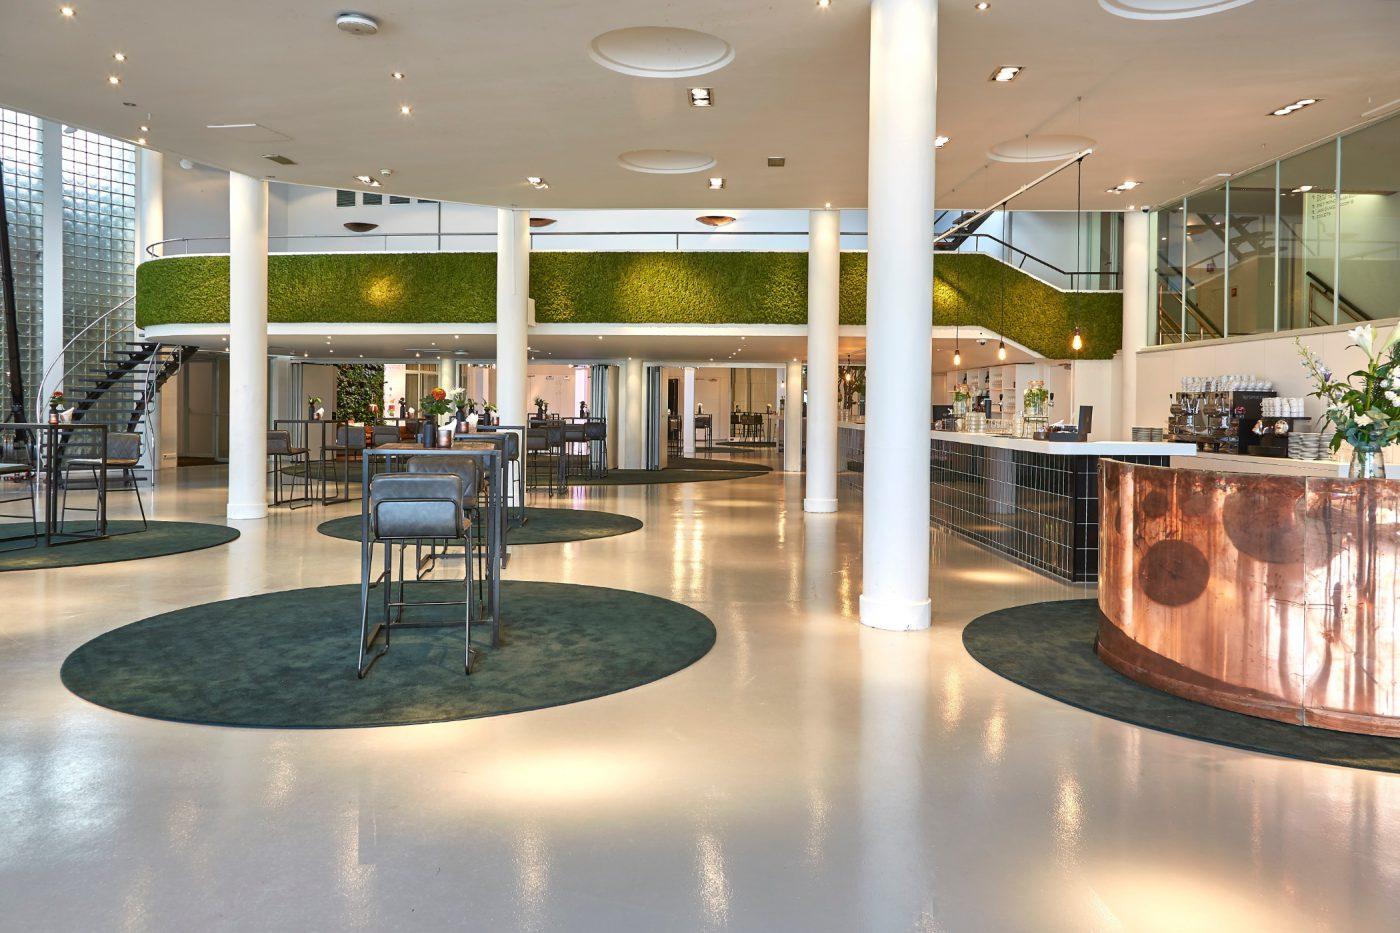 Green Lounge in standaardopstelling bij Gooiland evenementenlocatie Hilversum